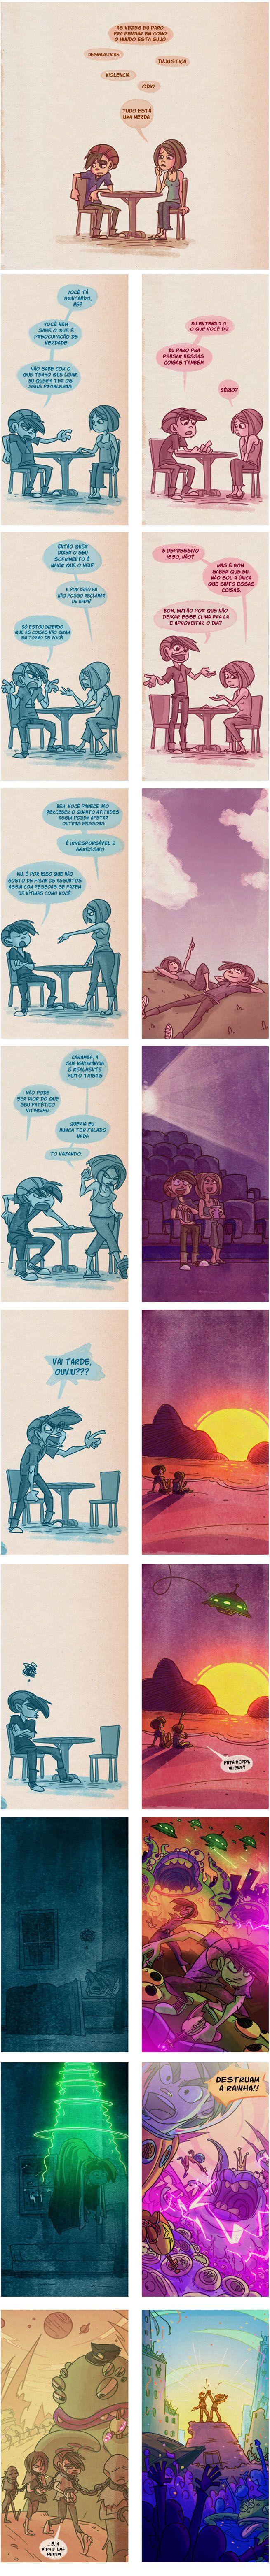 Vida é uma bosta...#SQN ... Leiam primeiro o da esquerda...e depois o da direita...provavelmente os aliens venceriam...mas vocês entenderam...